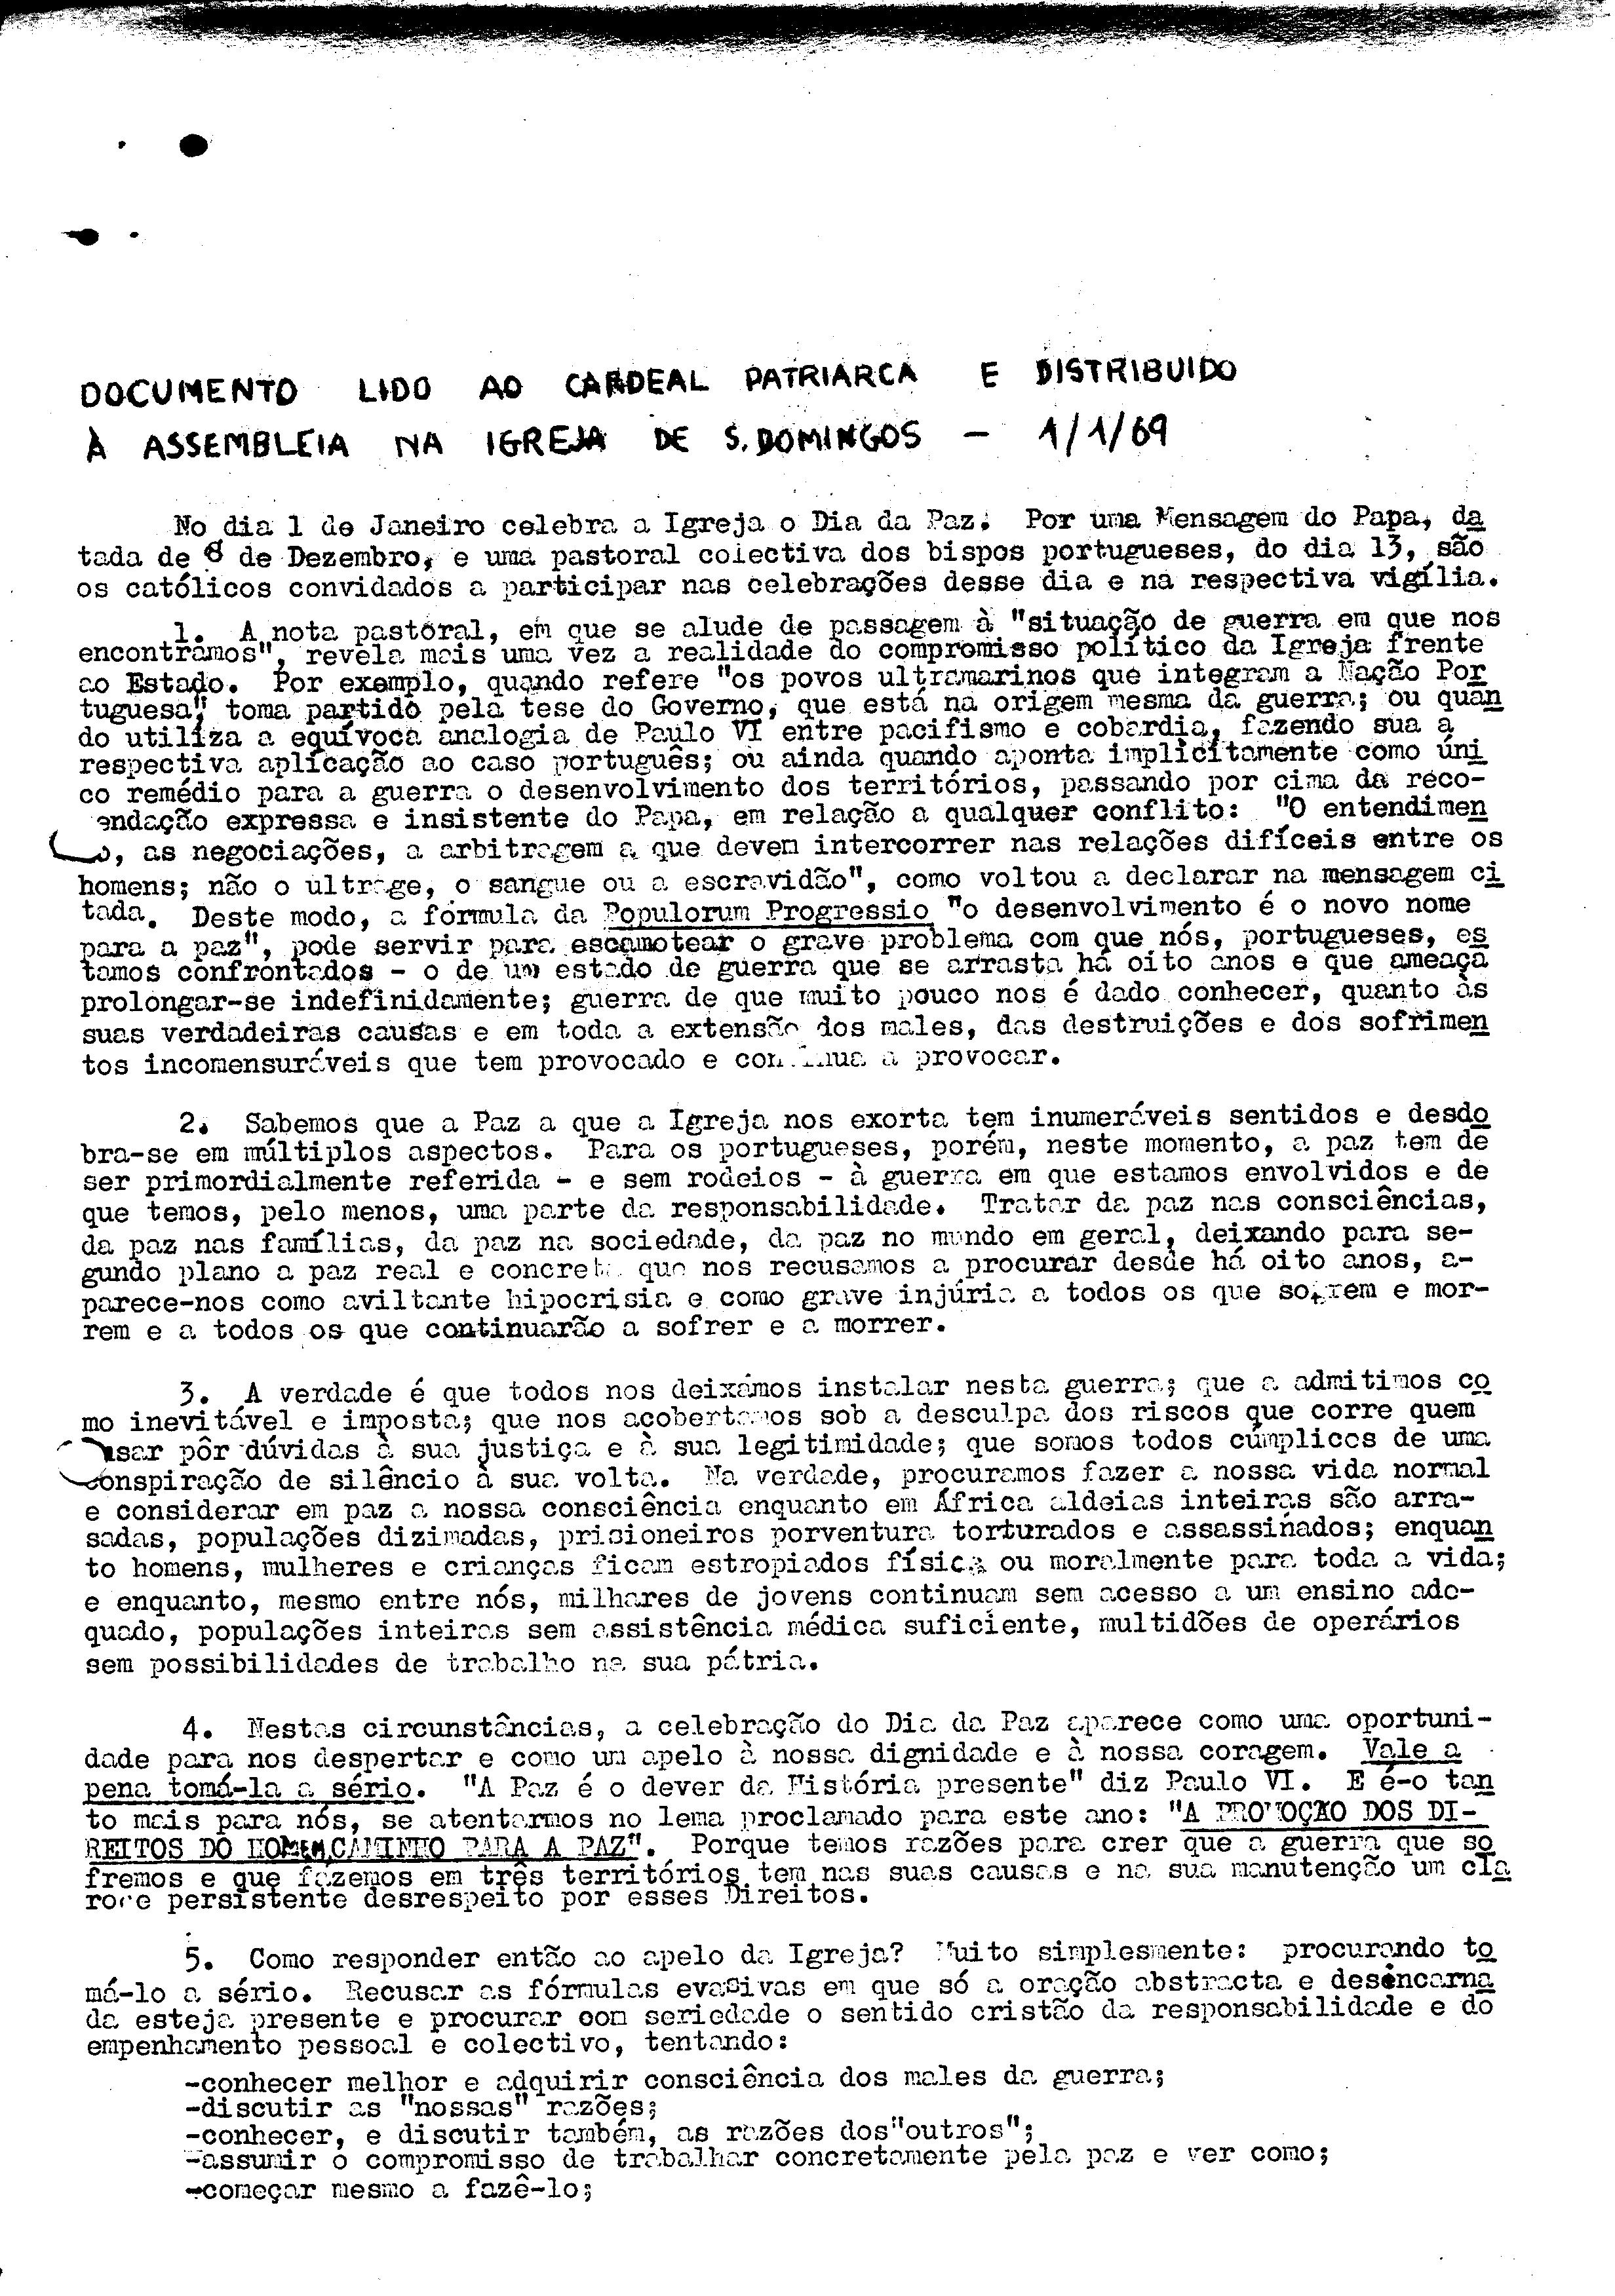 02240.017- pag.1